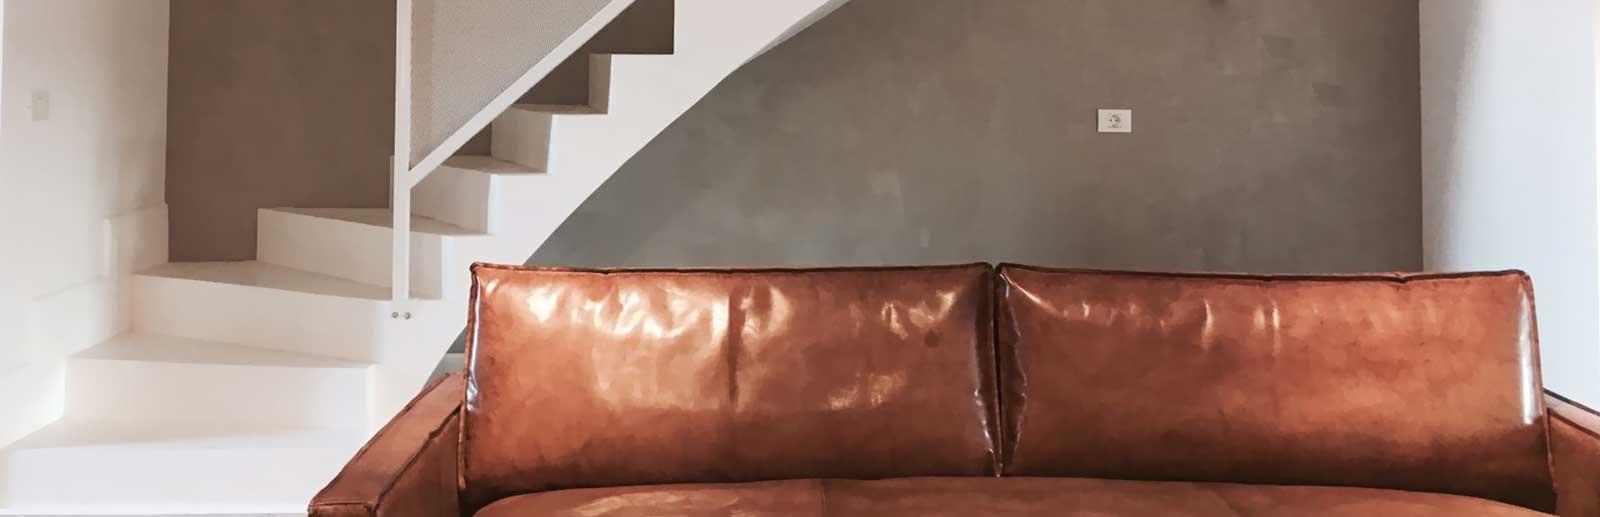 Finisaje decorative pereti interior